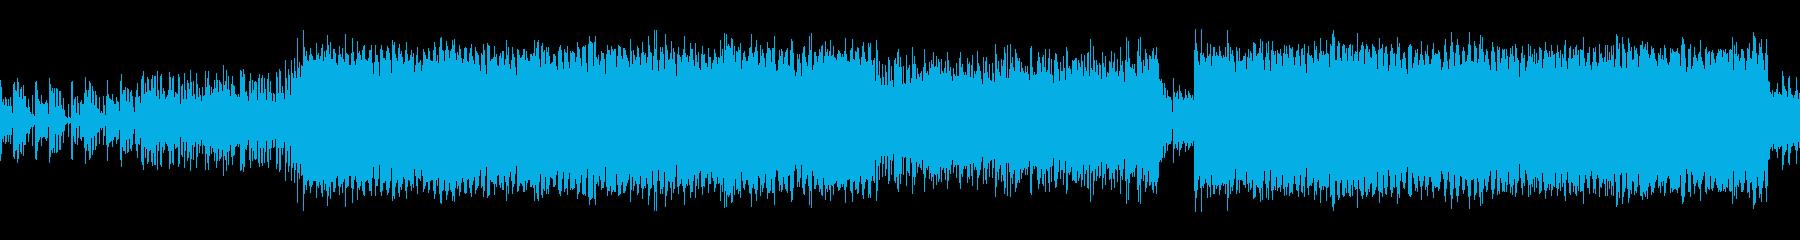 かわいい系、軽快でノリの良いテクノポップの再生済みの波形